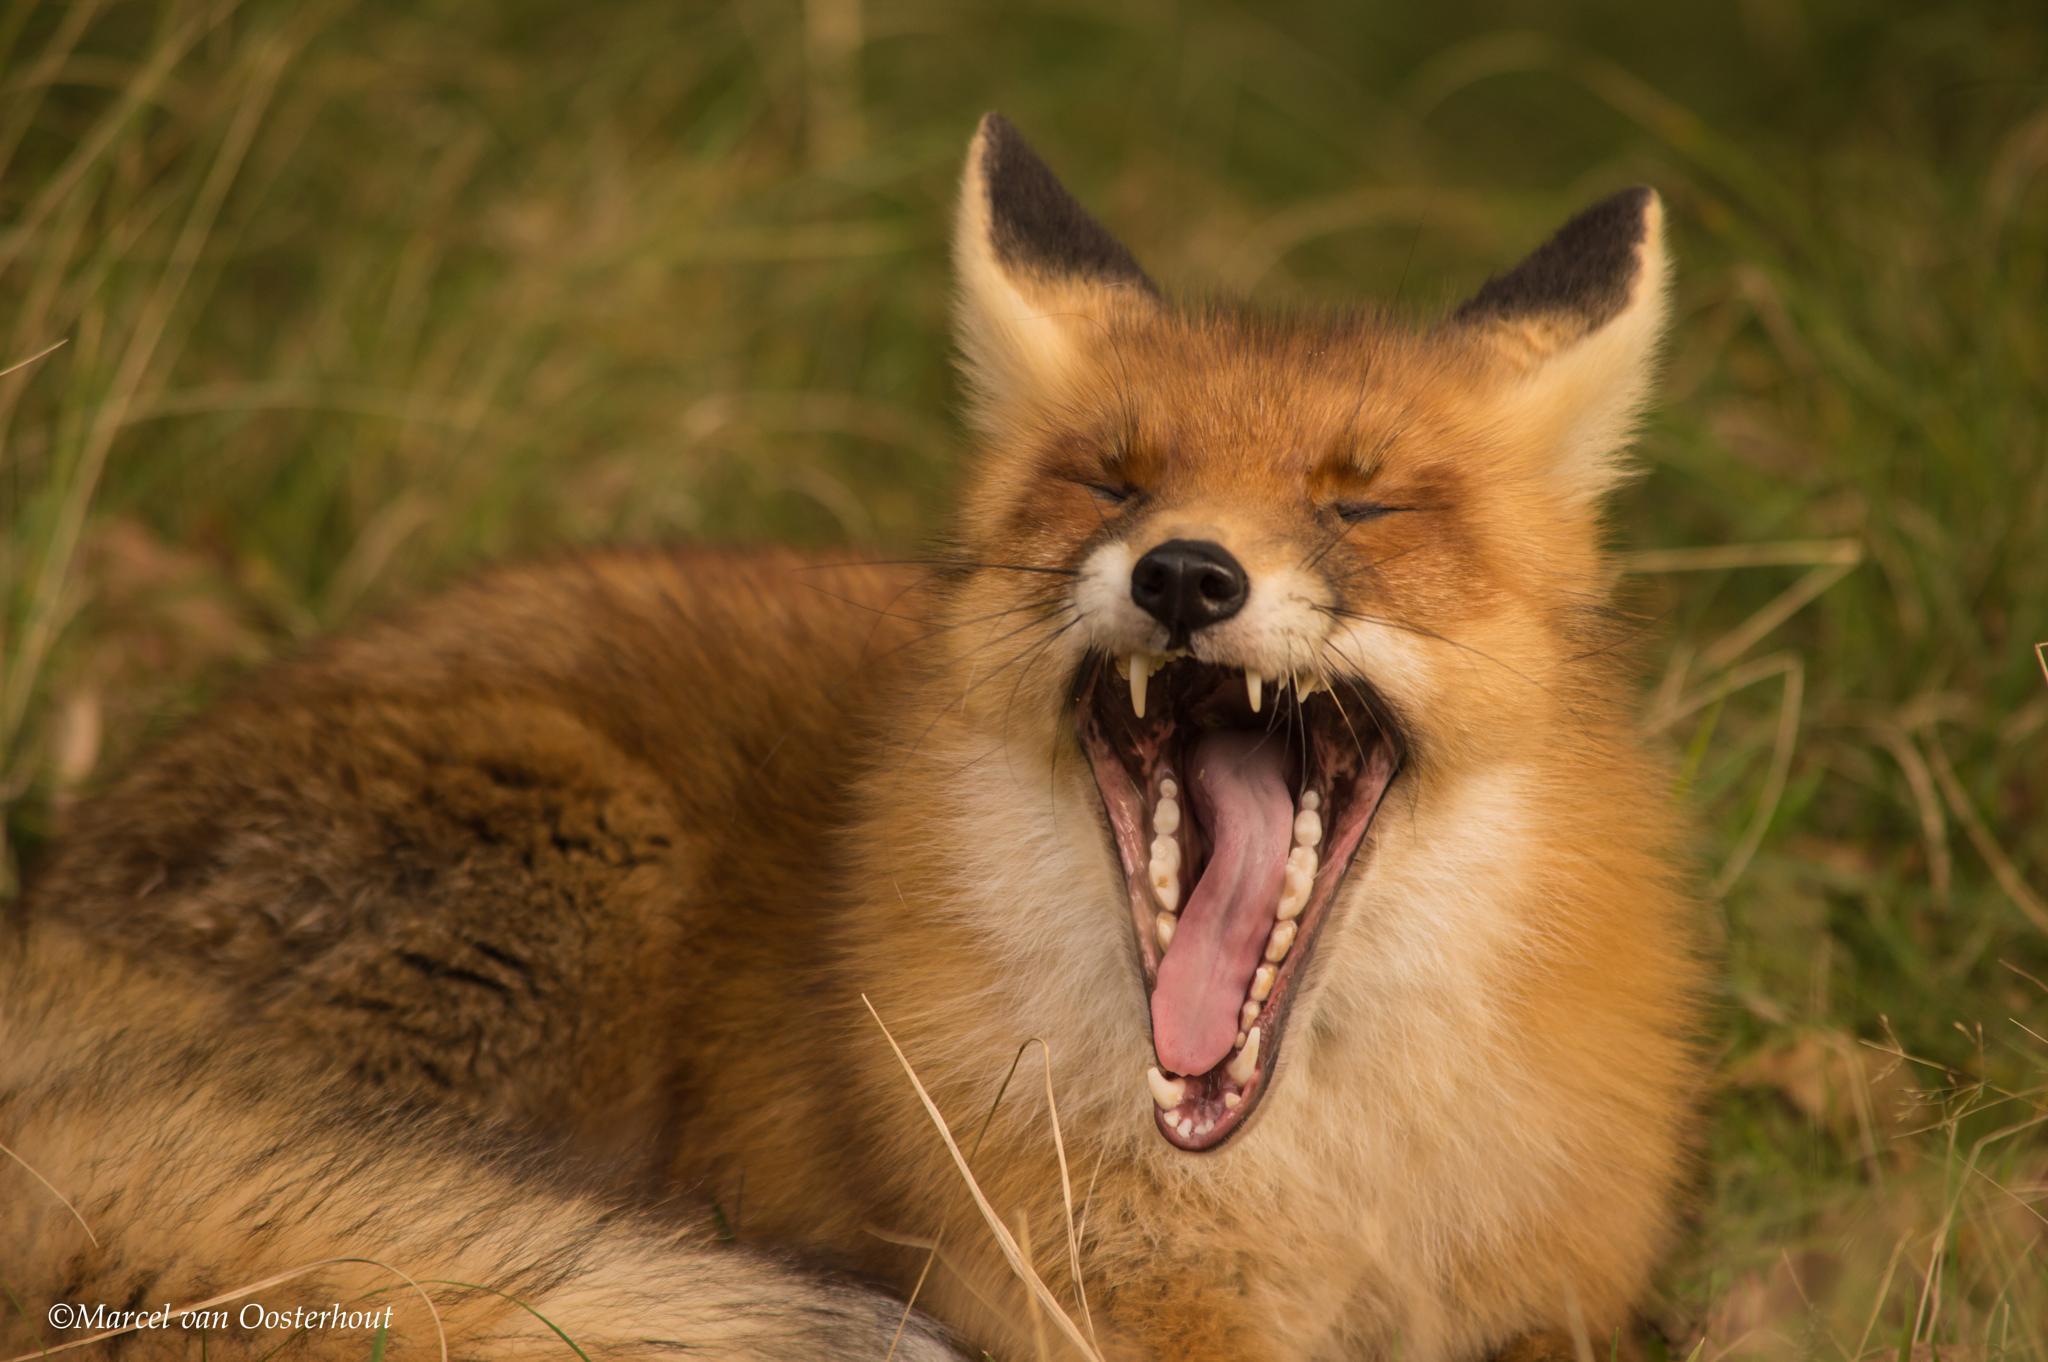 Fox by Marcel van Oosterhout